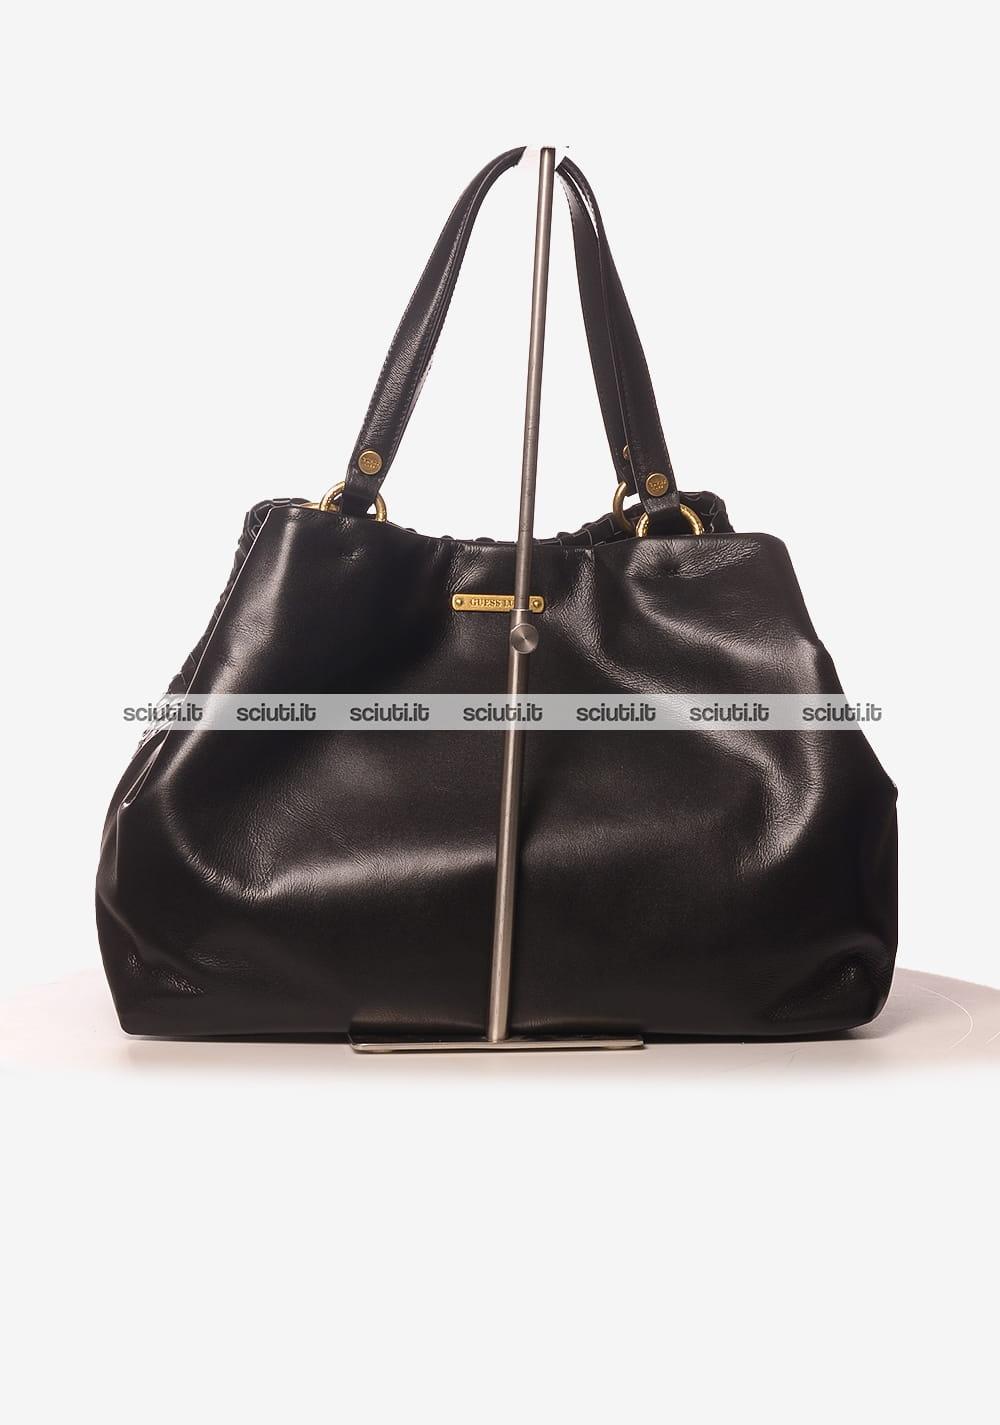 3a0cba681b Borsa shopping grande Guess Luxe donna Lola in pelle intrecciata nero